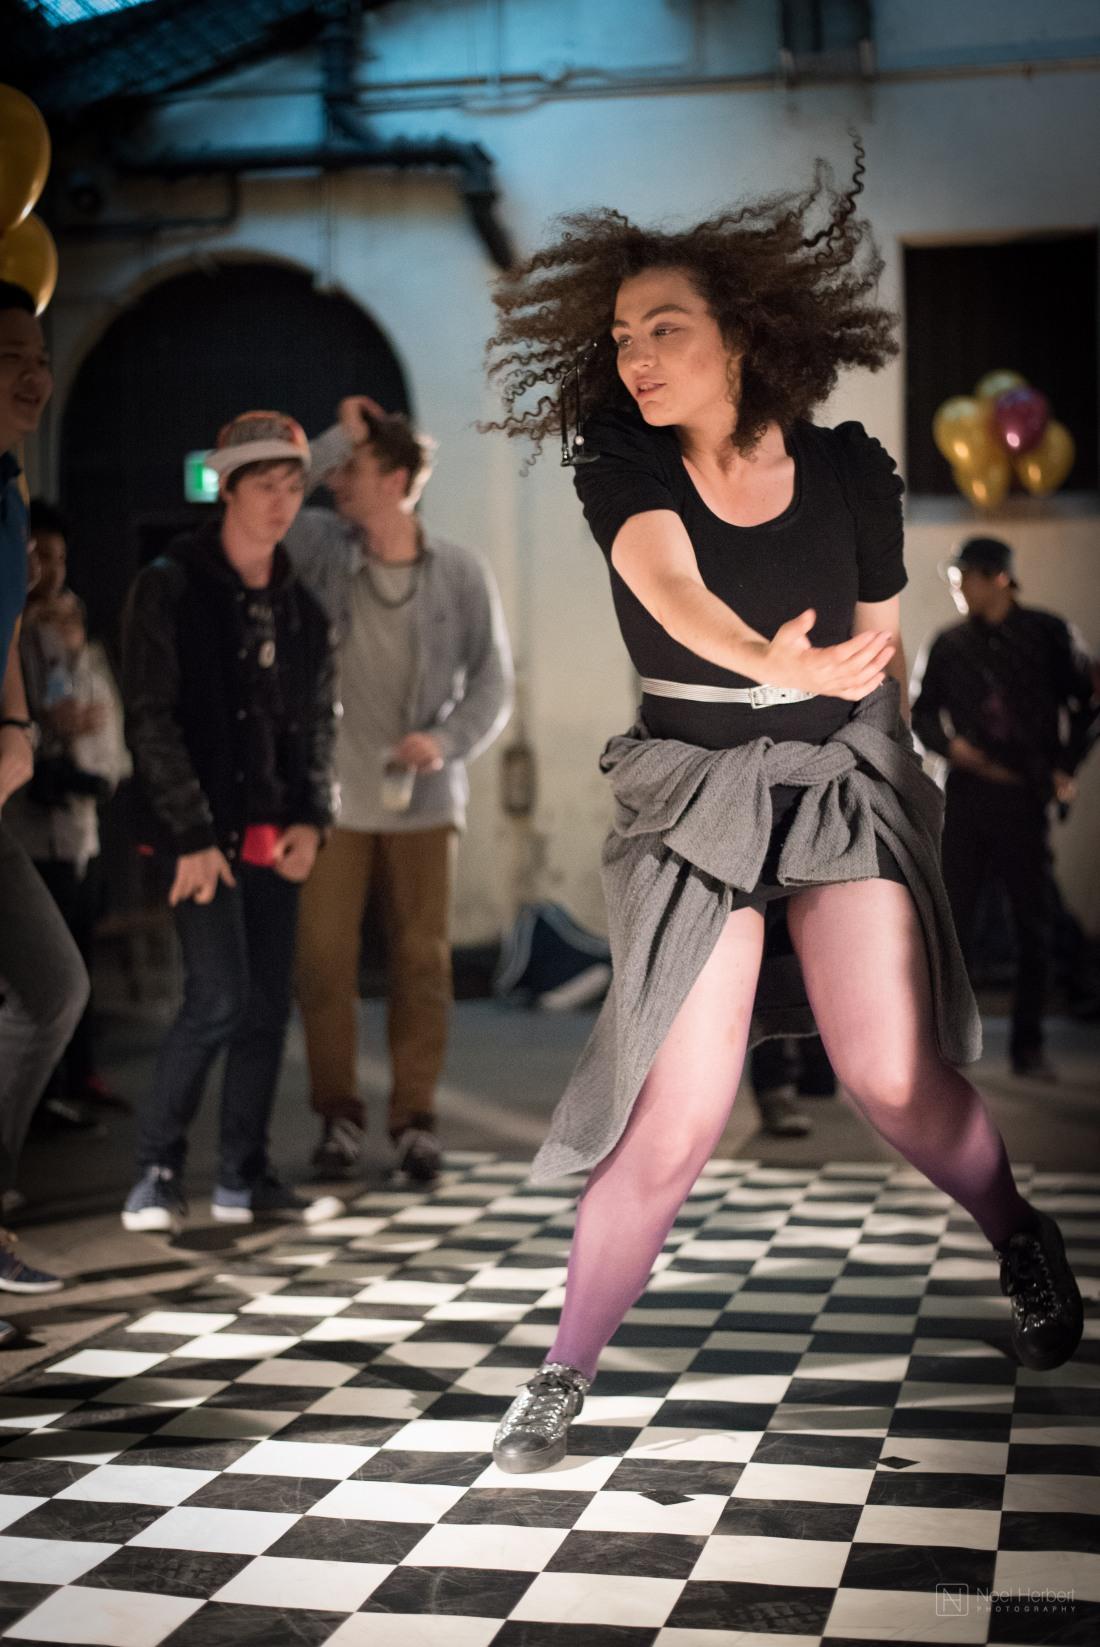 Dance_018